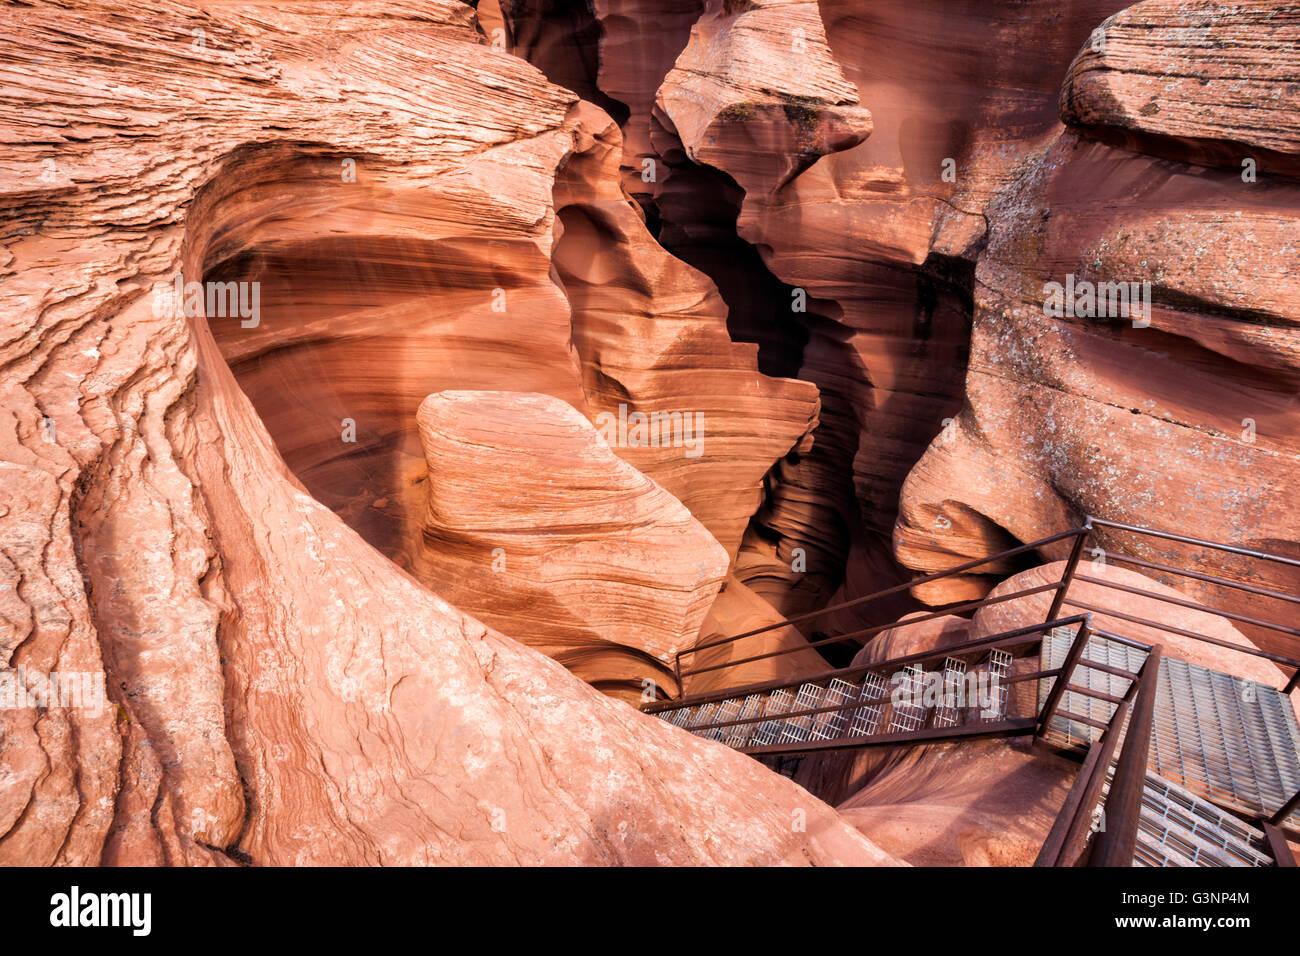 Metal escalier menant vers le bas dans des formations de roche de grès inhabituelles à l'intérieur Photo Stock